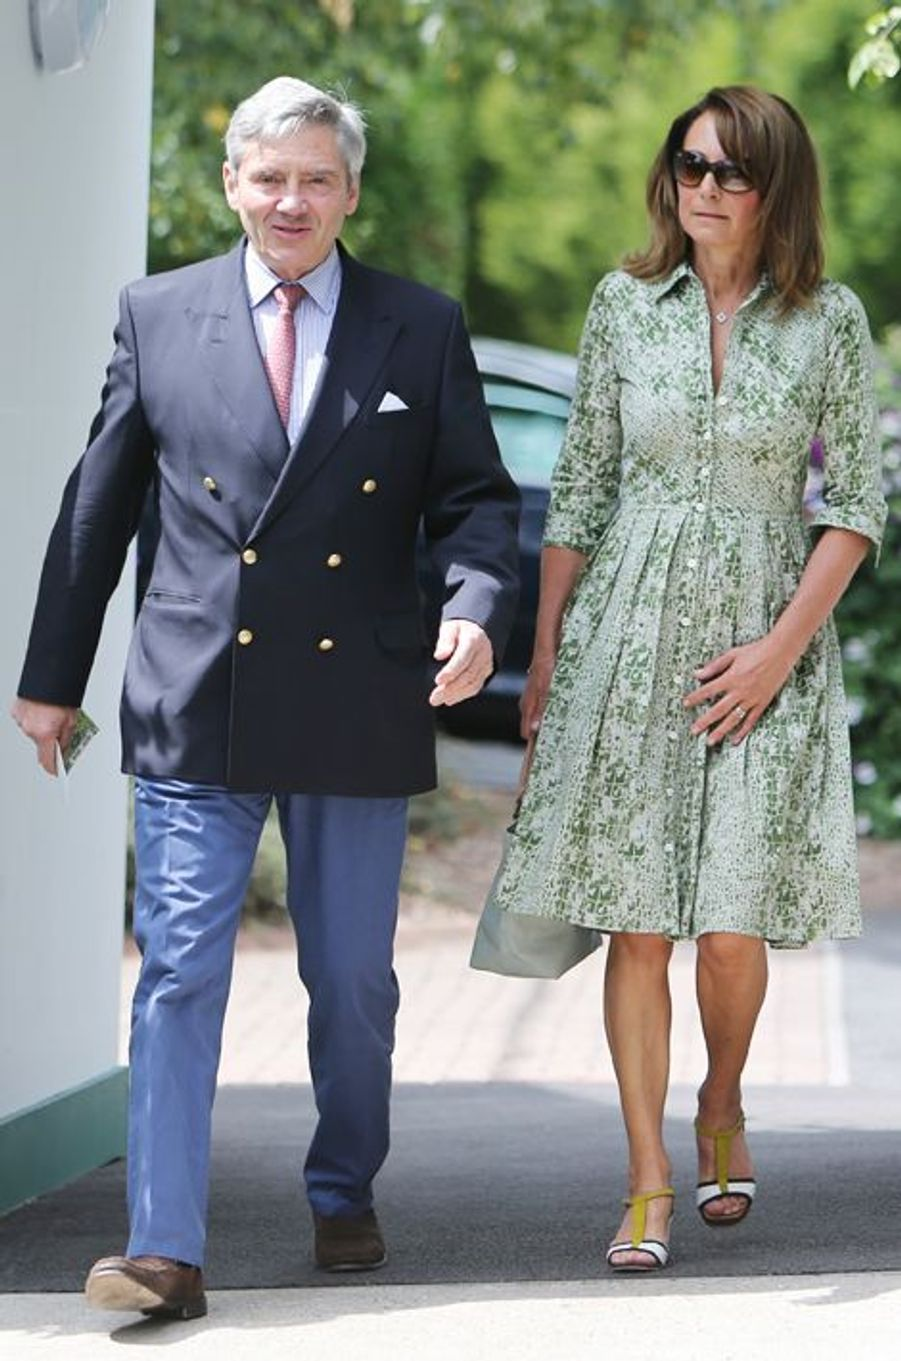 Michael et Carole Middleton à Wimbledon, le 8 juillet 2015